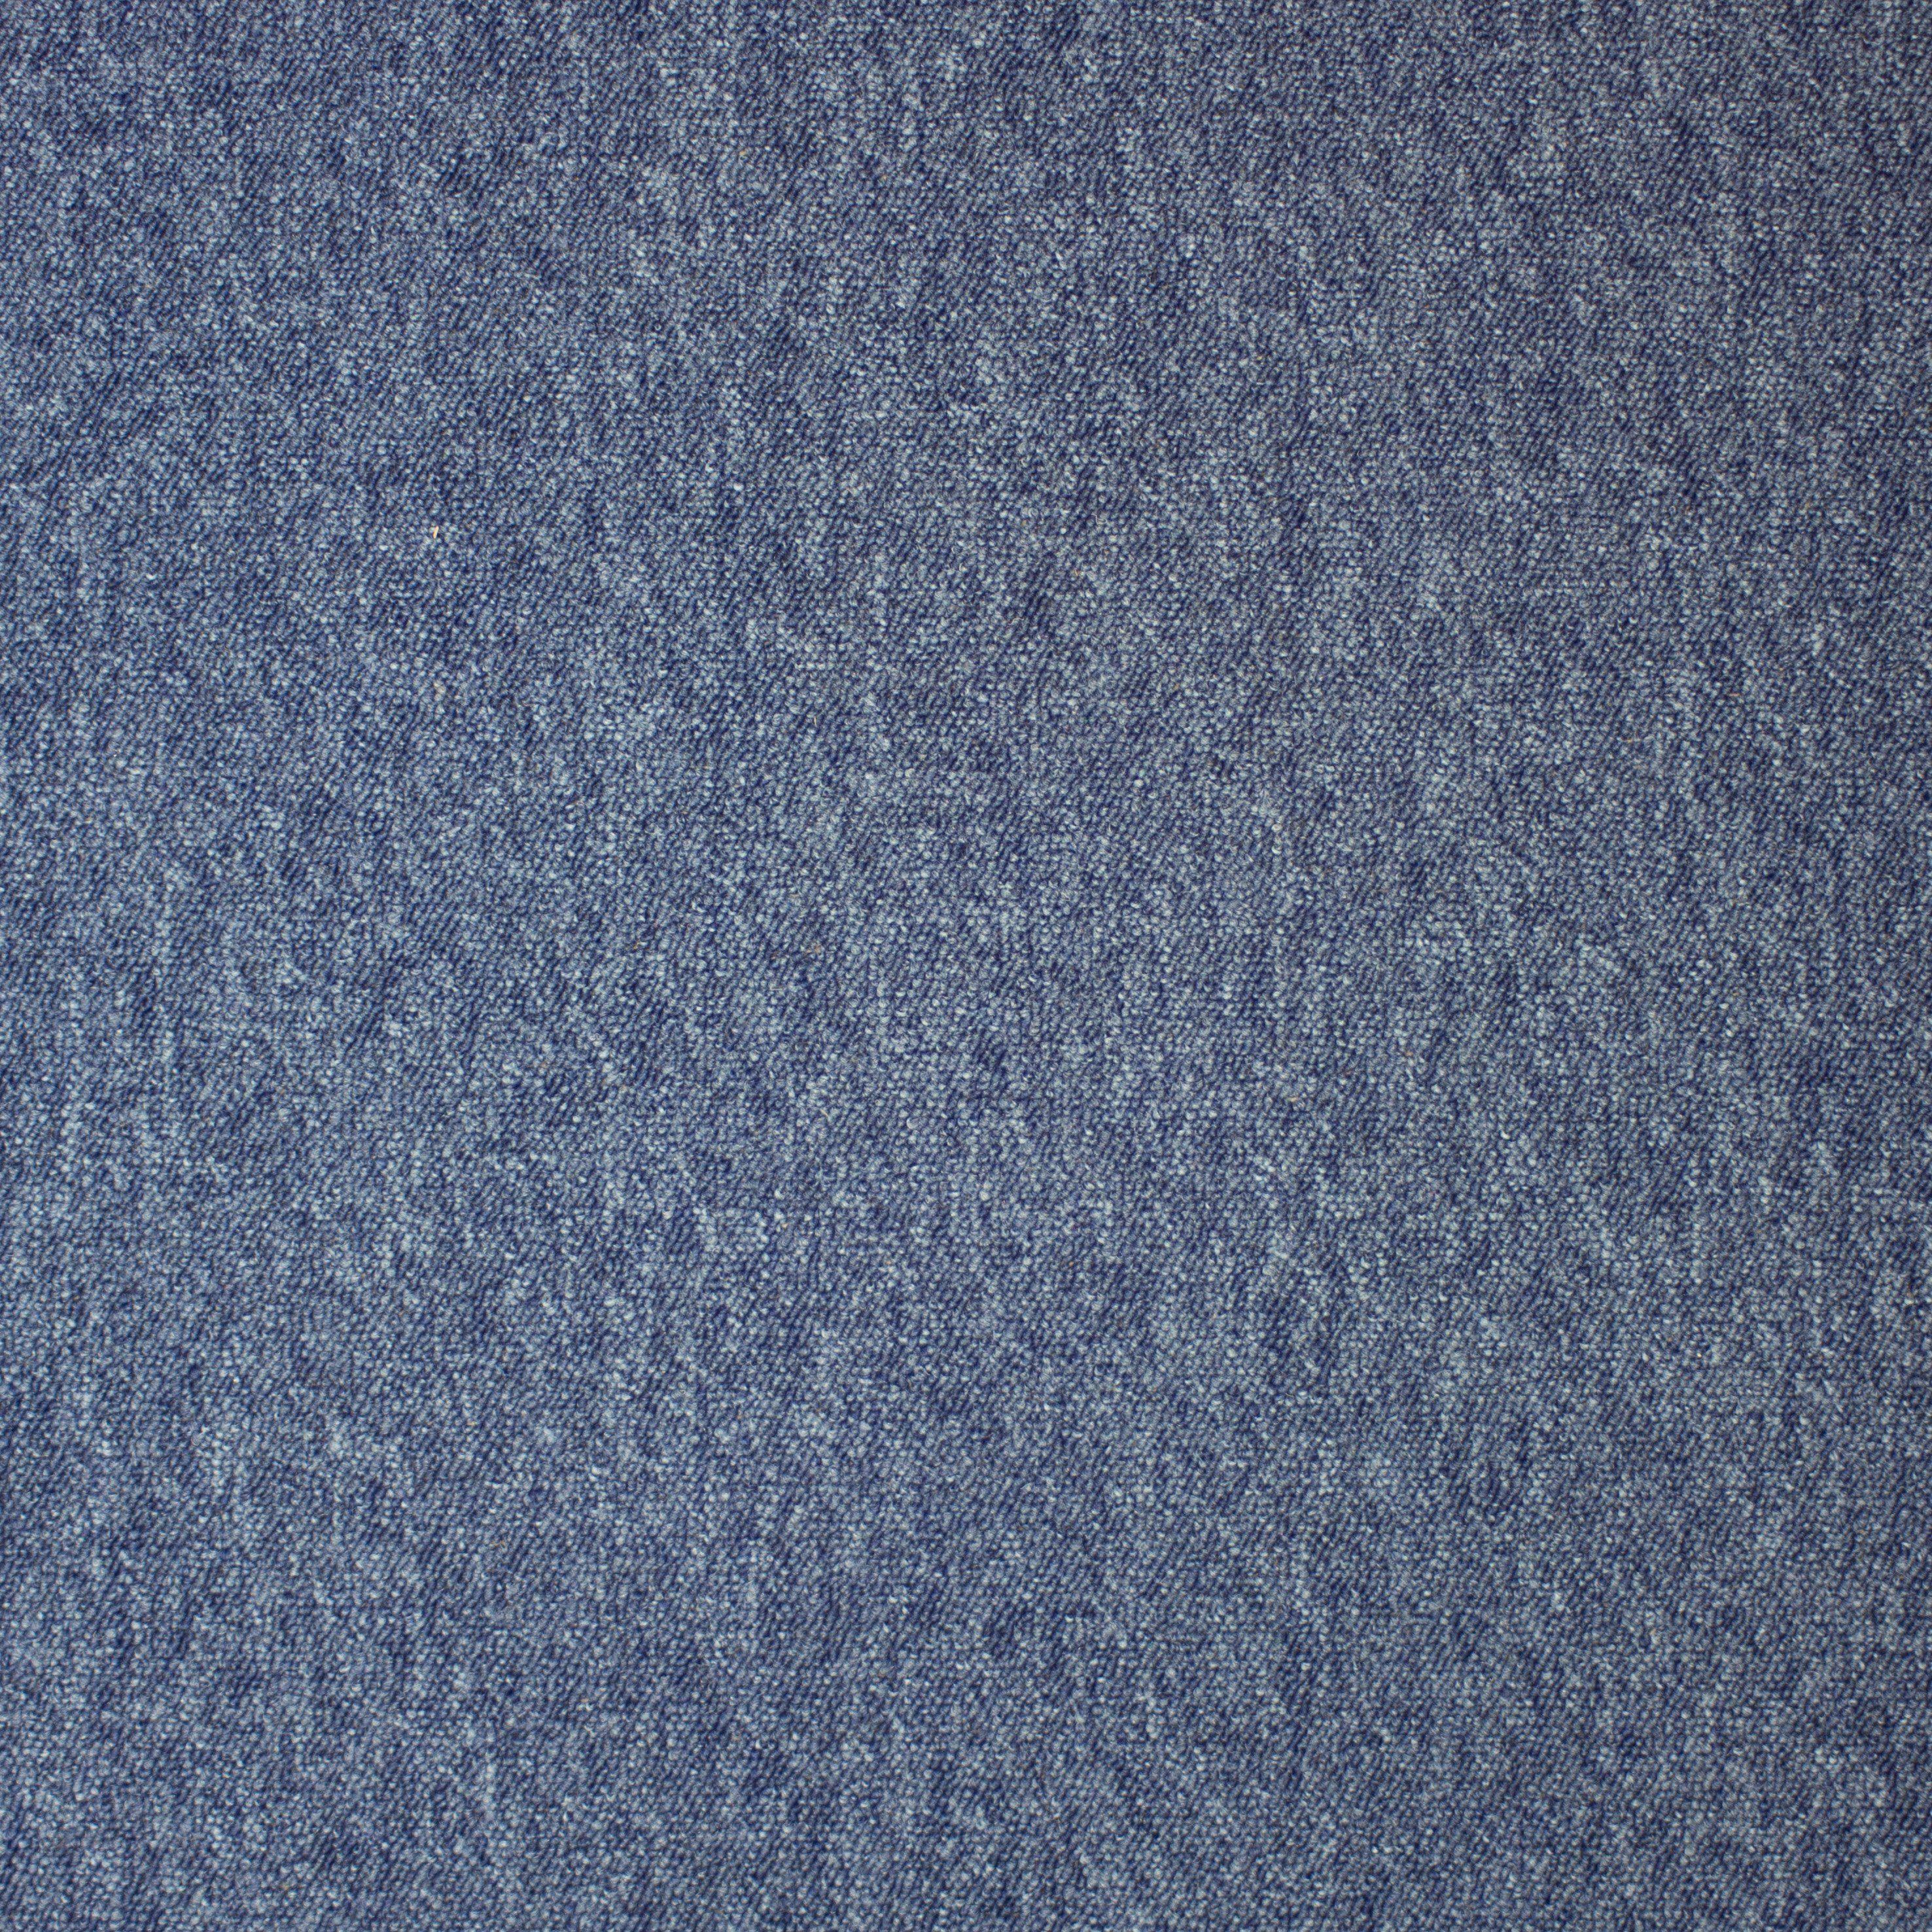 Teppichfliese »Neapel SL Dunkelblau«, 4 Stück (1 m²)